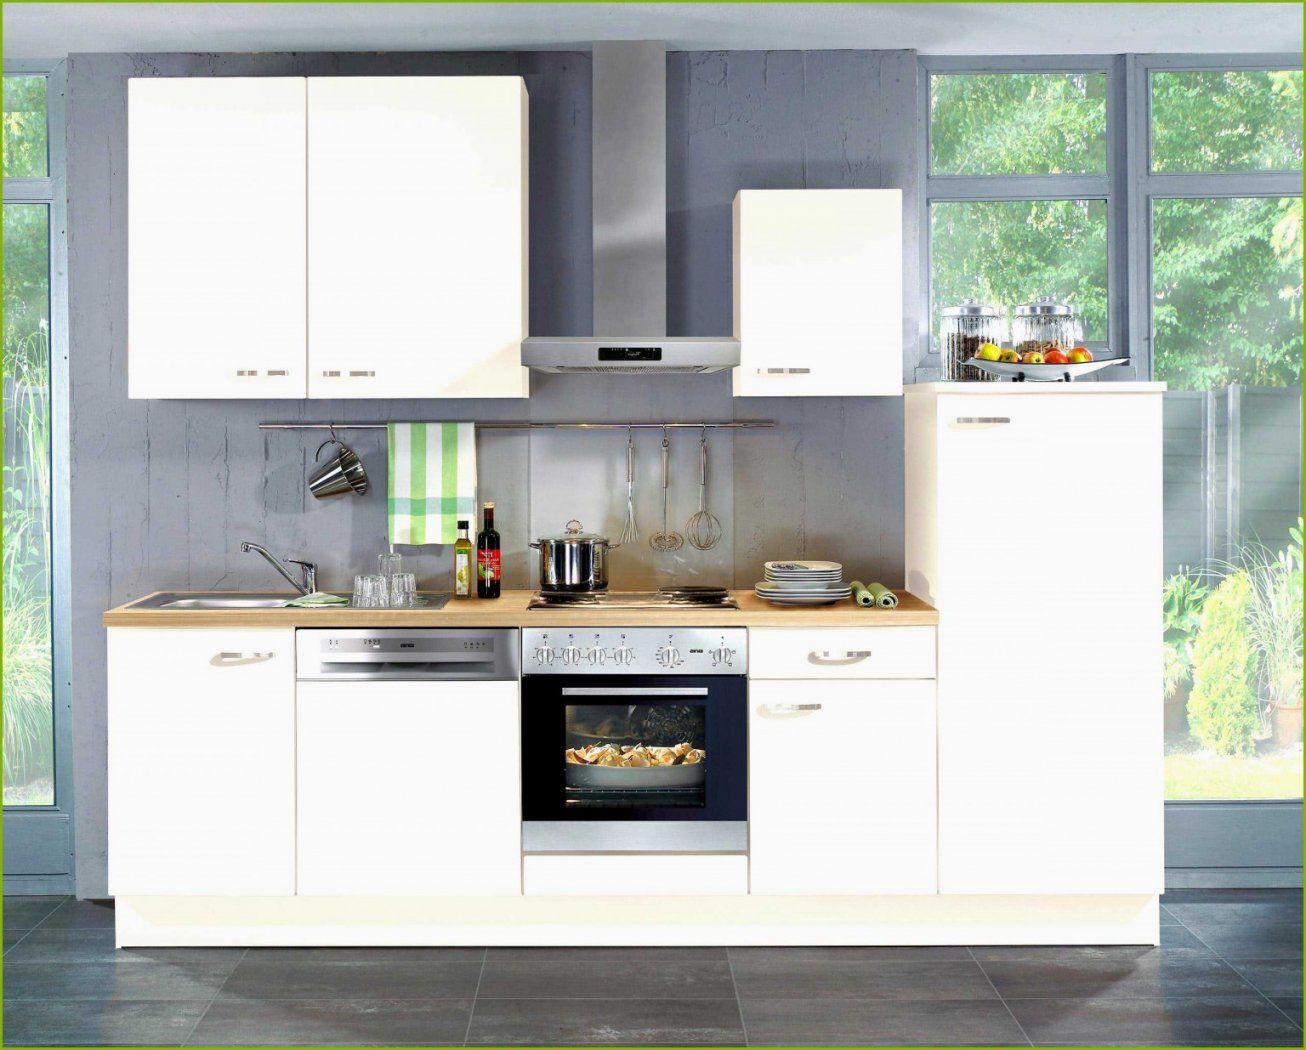 Fußboden Küche Schöner Wohnen ~ Fliesen küche schöner wohnen buenrato haus ideen dekor design